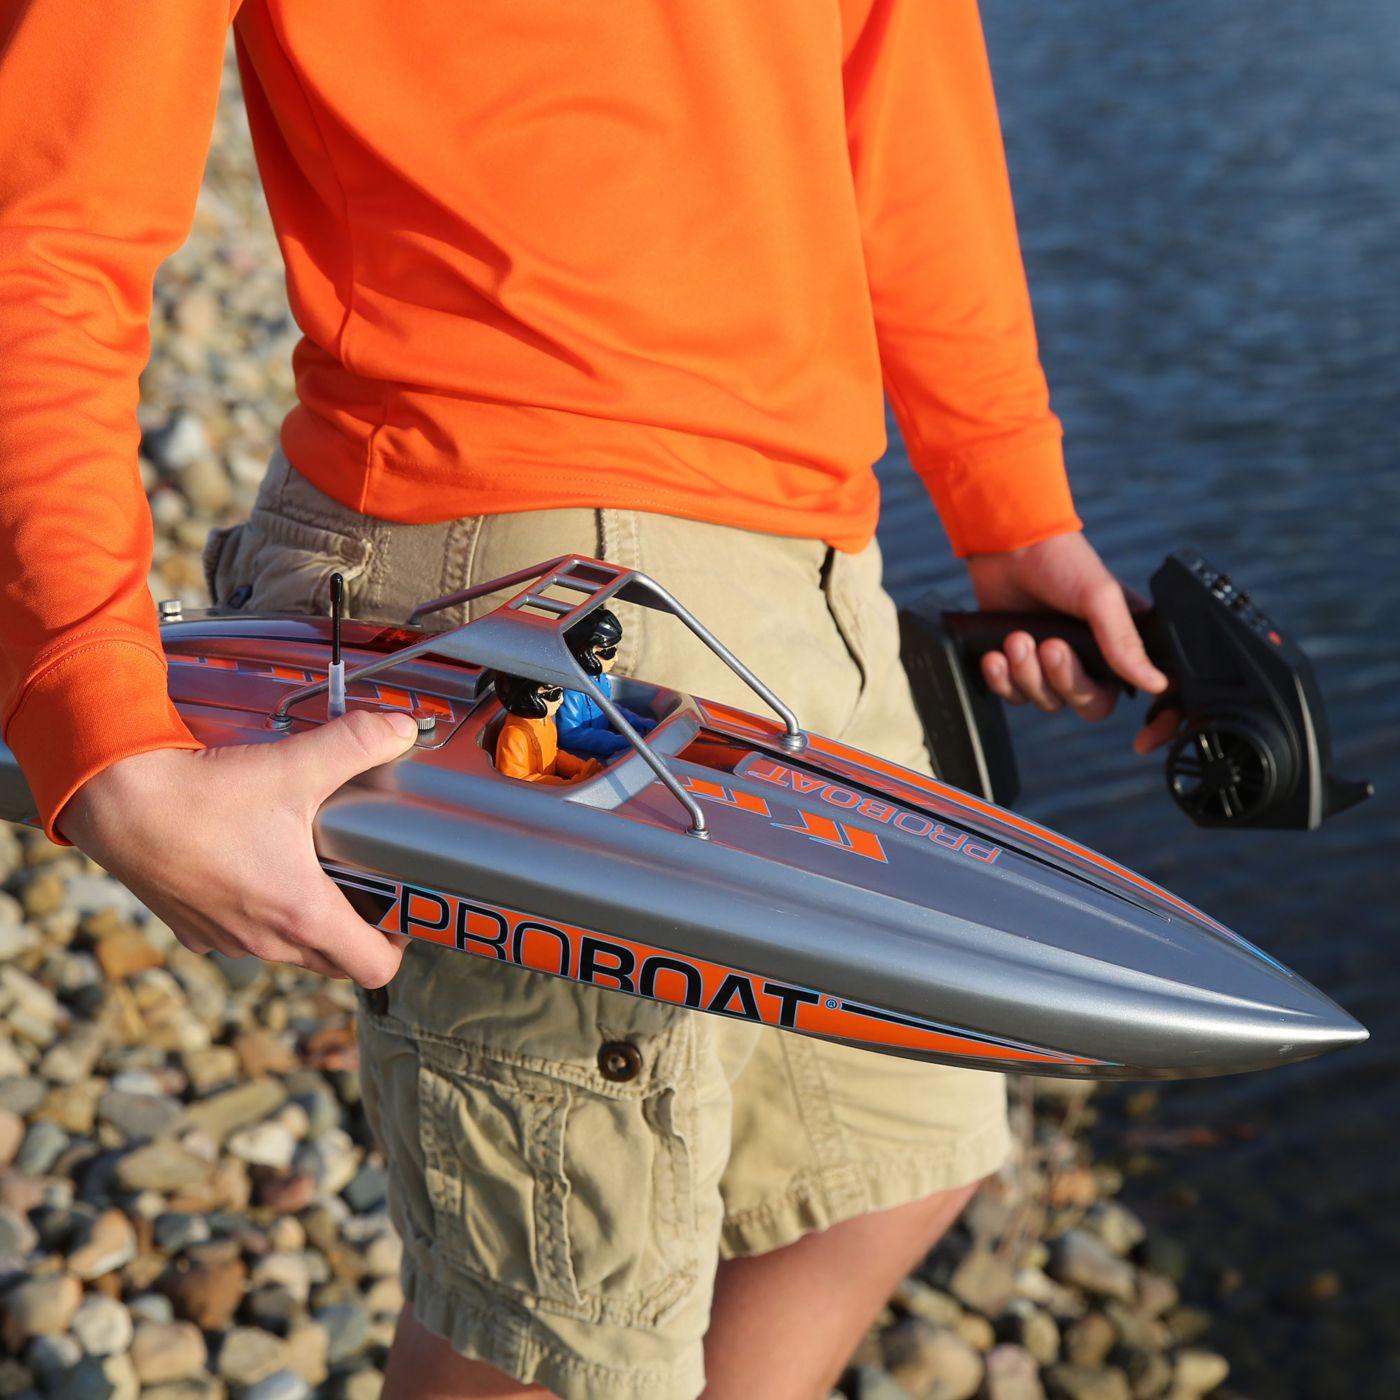 Proboat River Jet Boat motoscafo turbina rtr 06